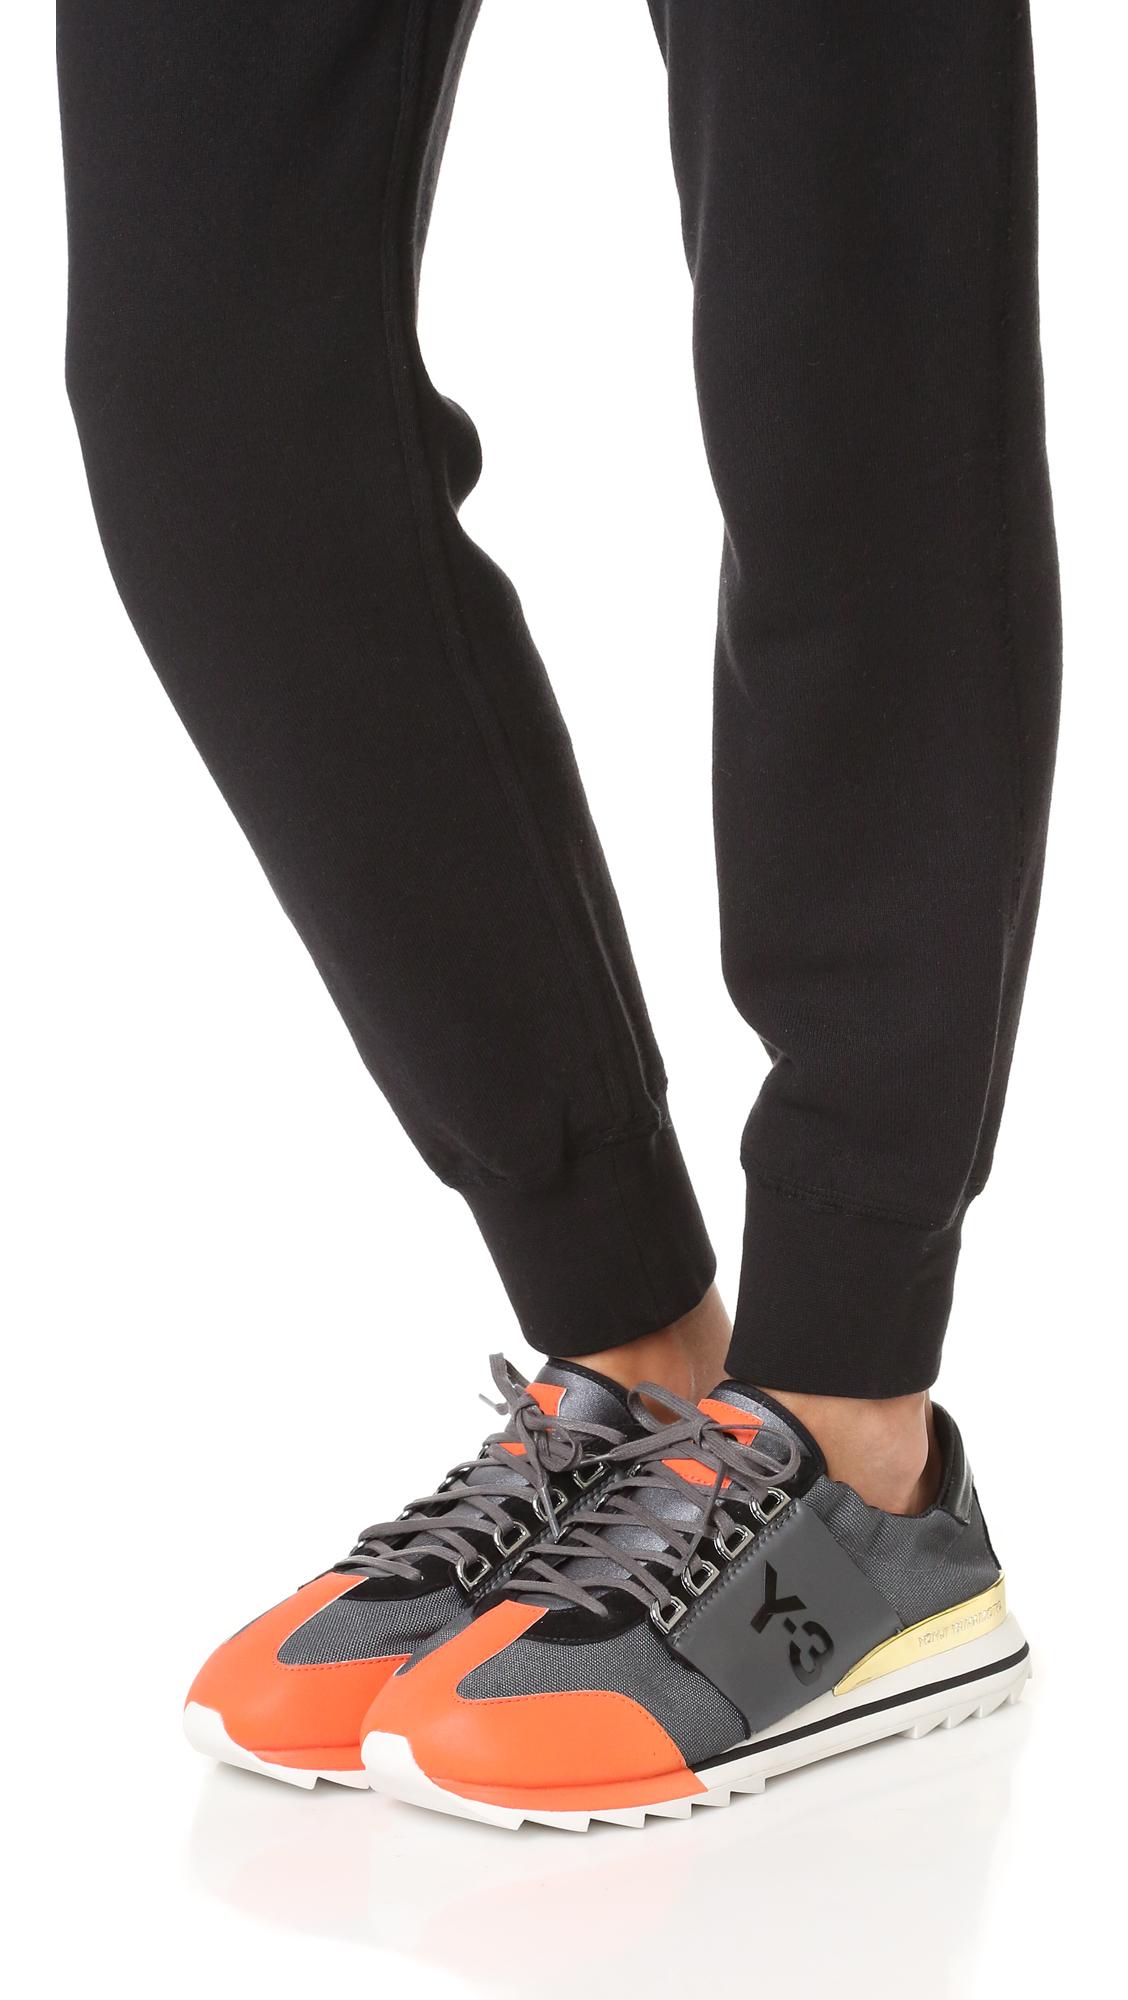 45935674c74f0 Y-3 Y-3 Rhita Sport Sneakers